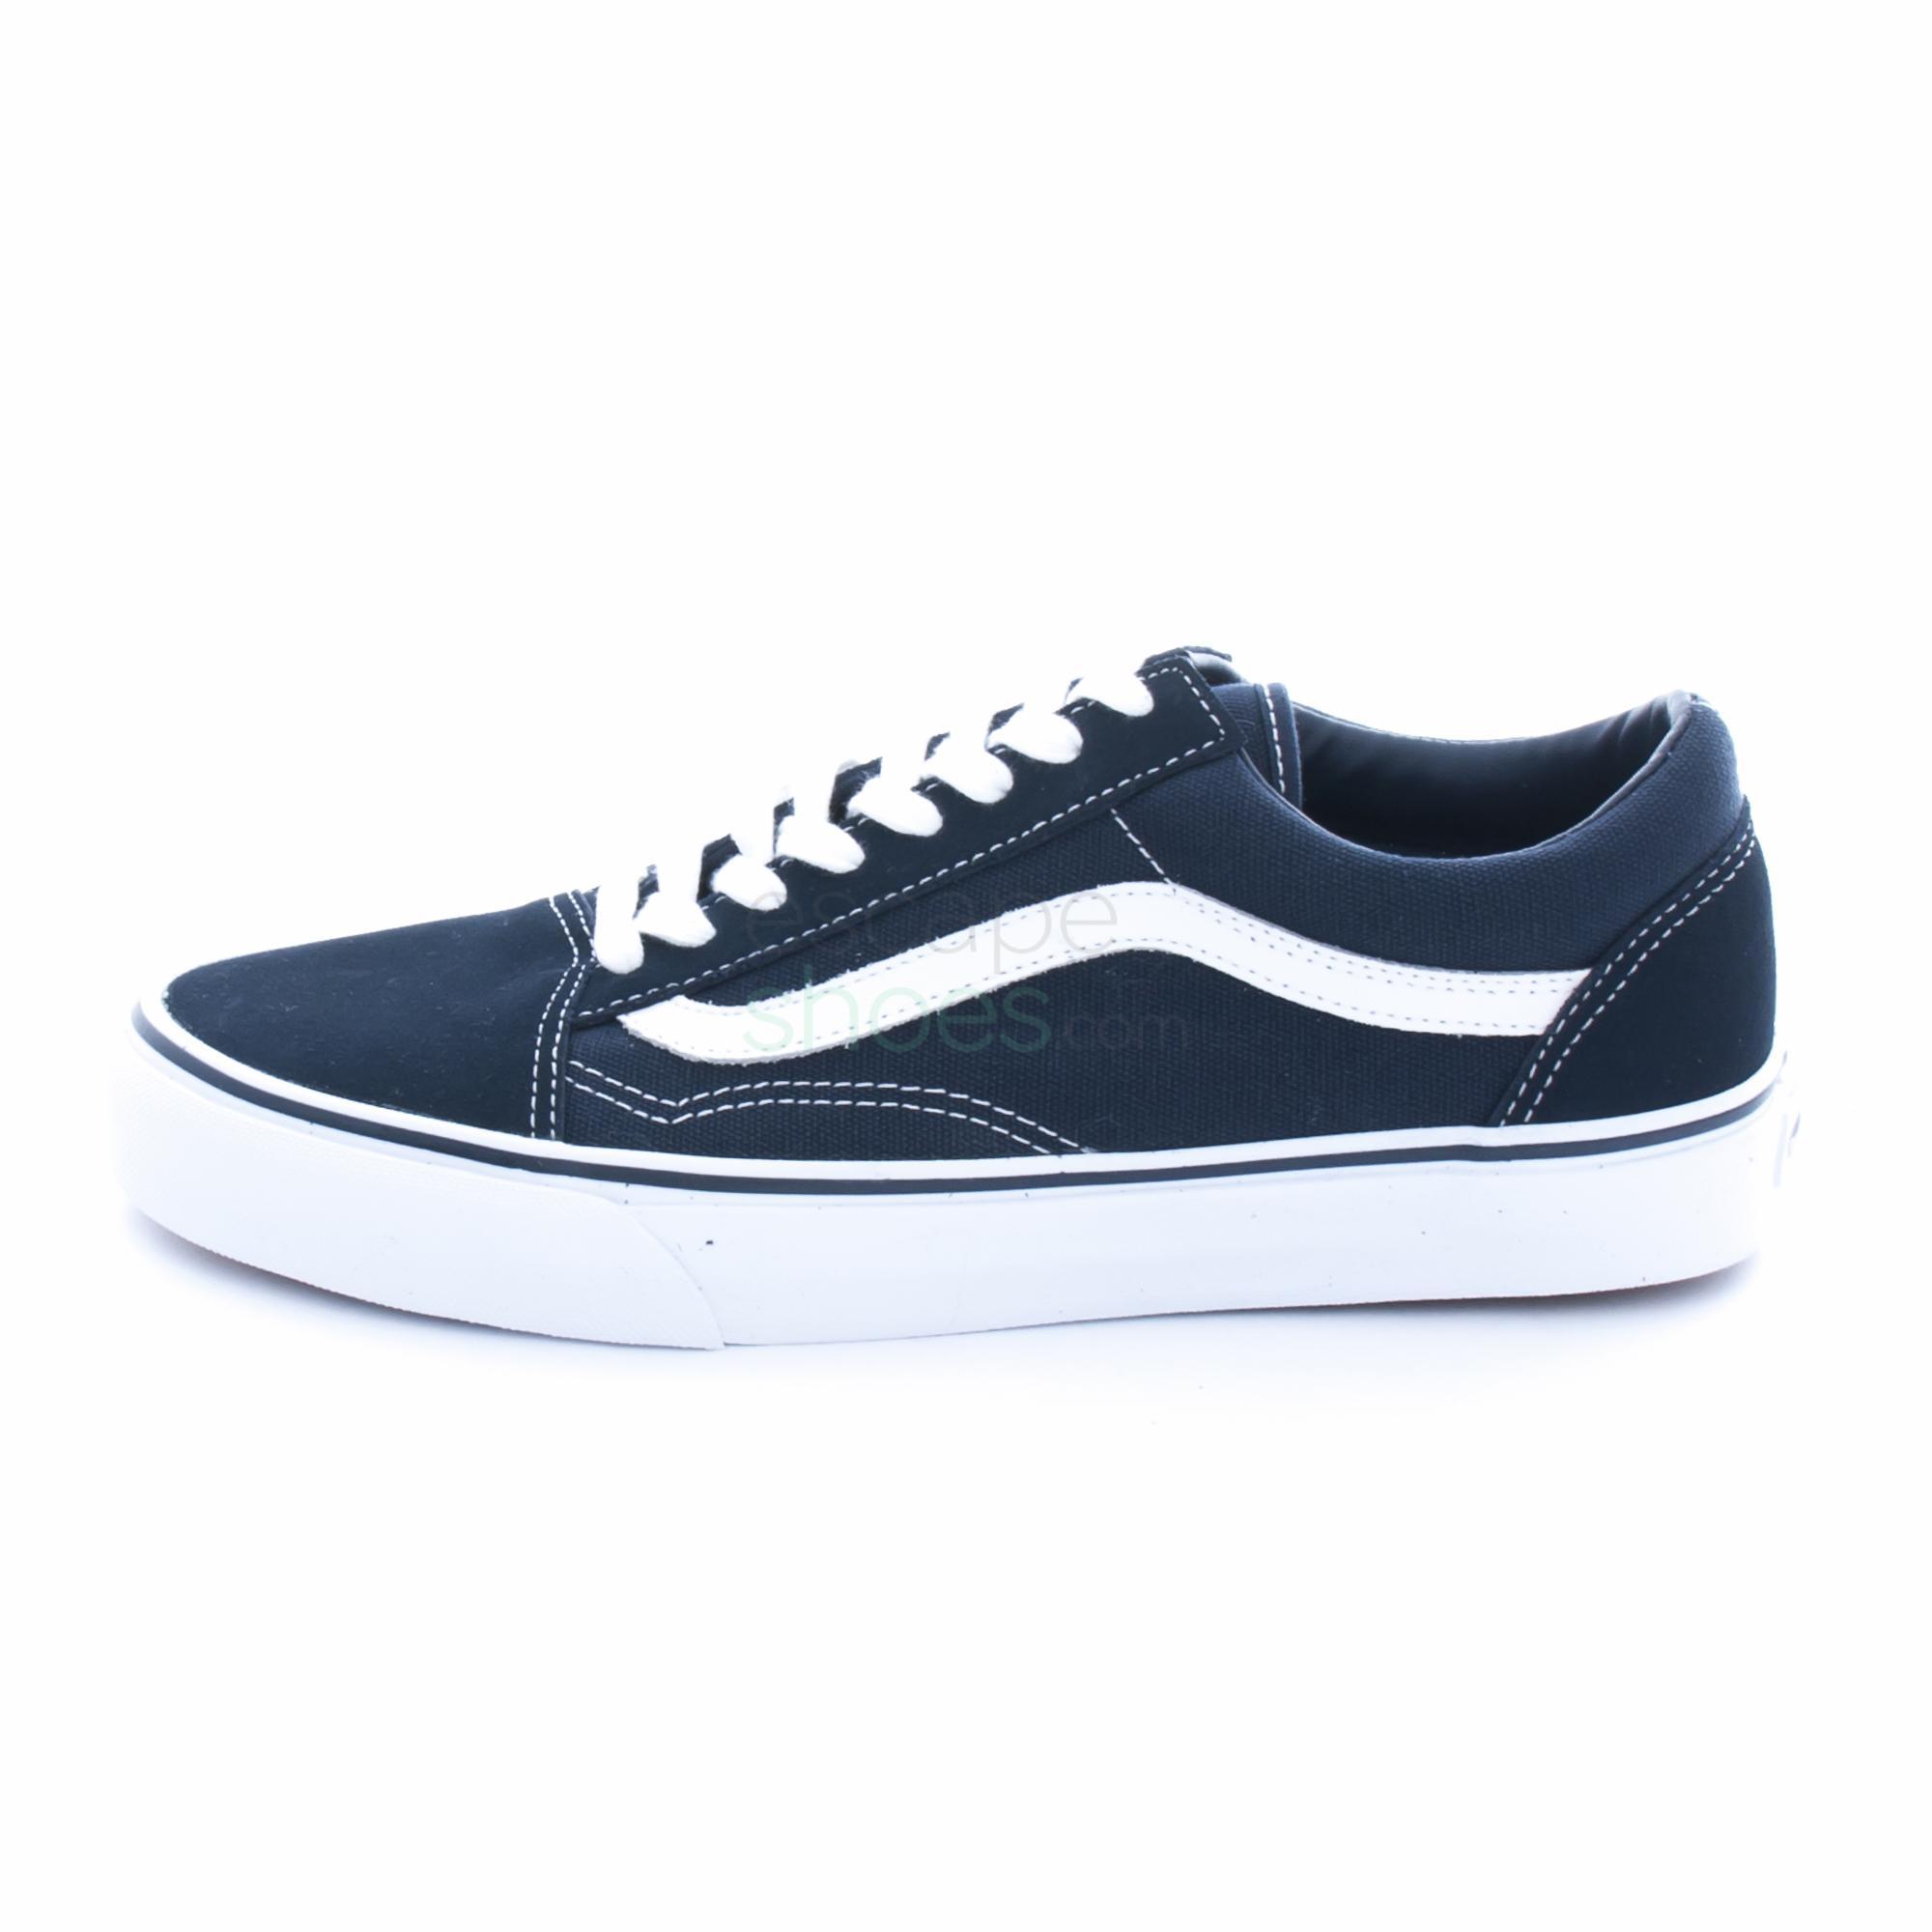 Tênis Vans Old Skool Azul Claro e Branco